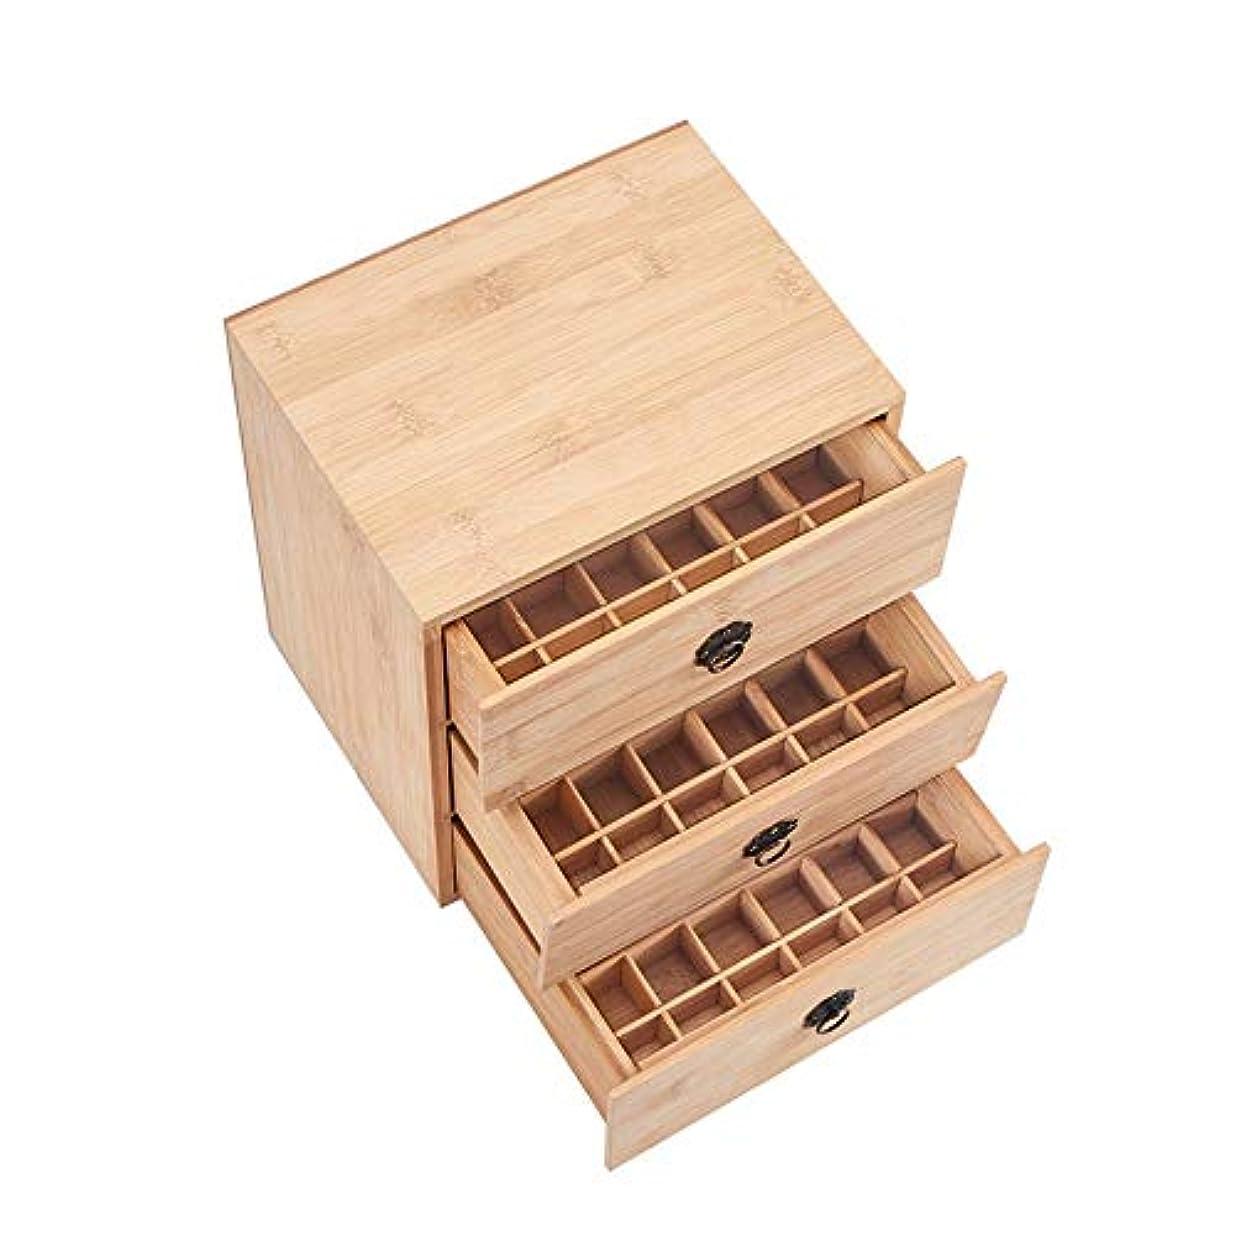 大佐シャワーさまようエッセンシャルオイルの保管 90本のスロット木エッセンシャルオイルボックス3ティア15/10/5 M1のボトルナチュラル竹 (色 : Natural, サイズ : 24.5X20X26CM)